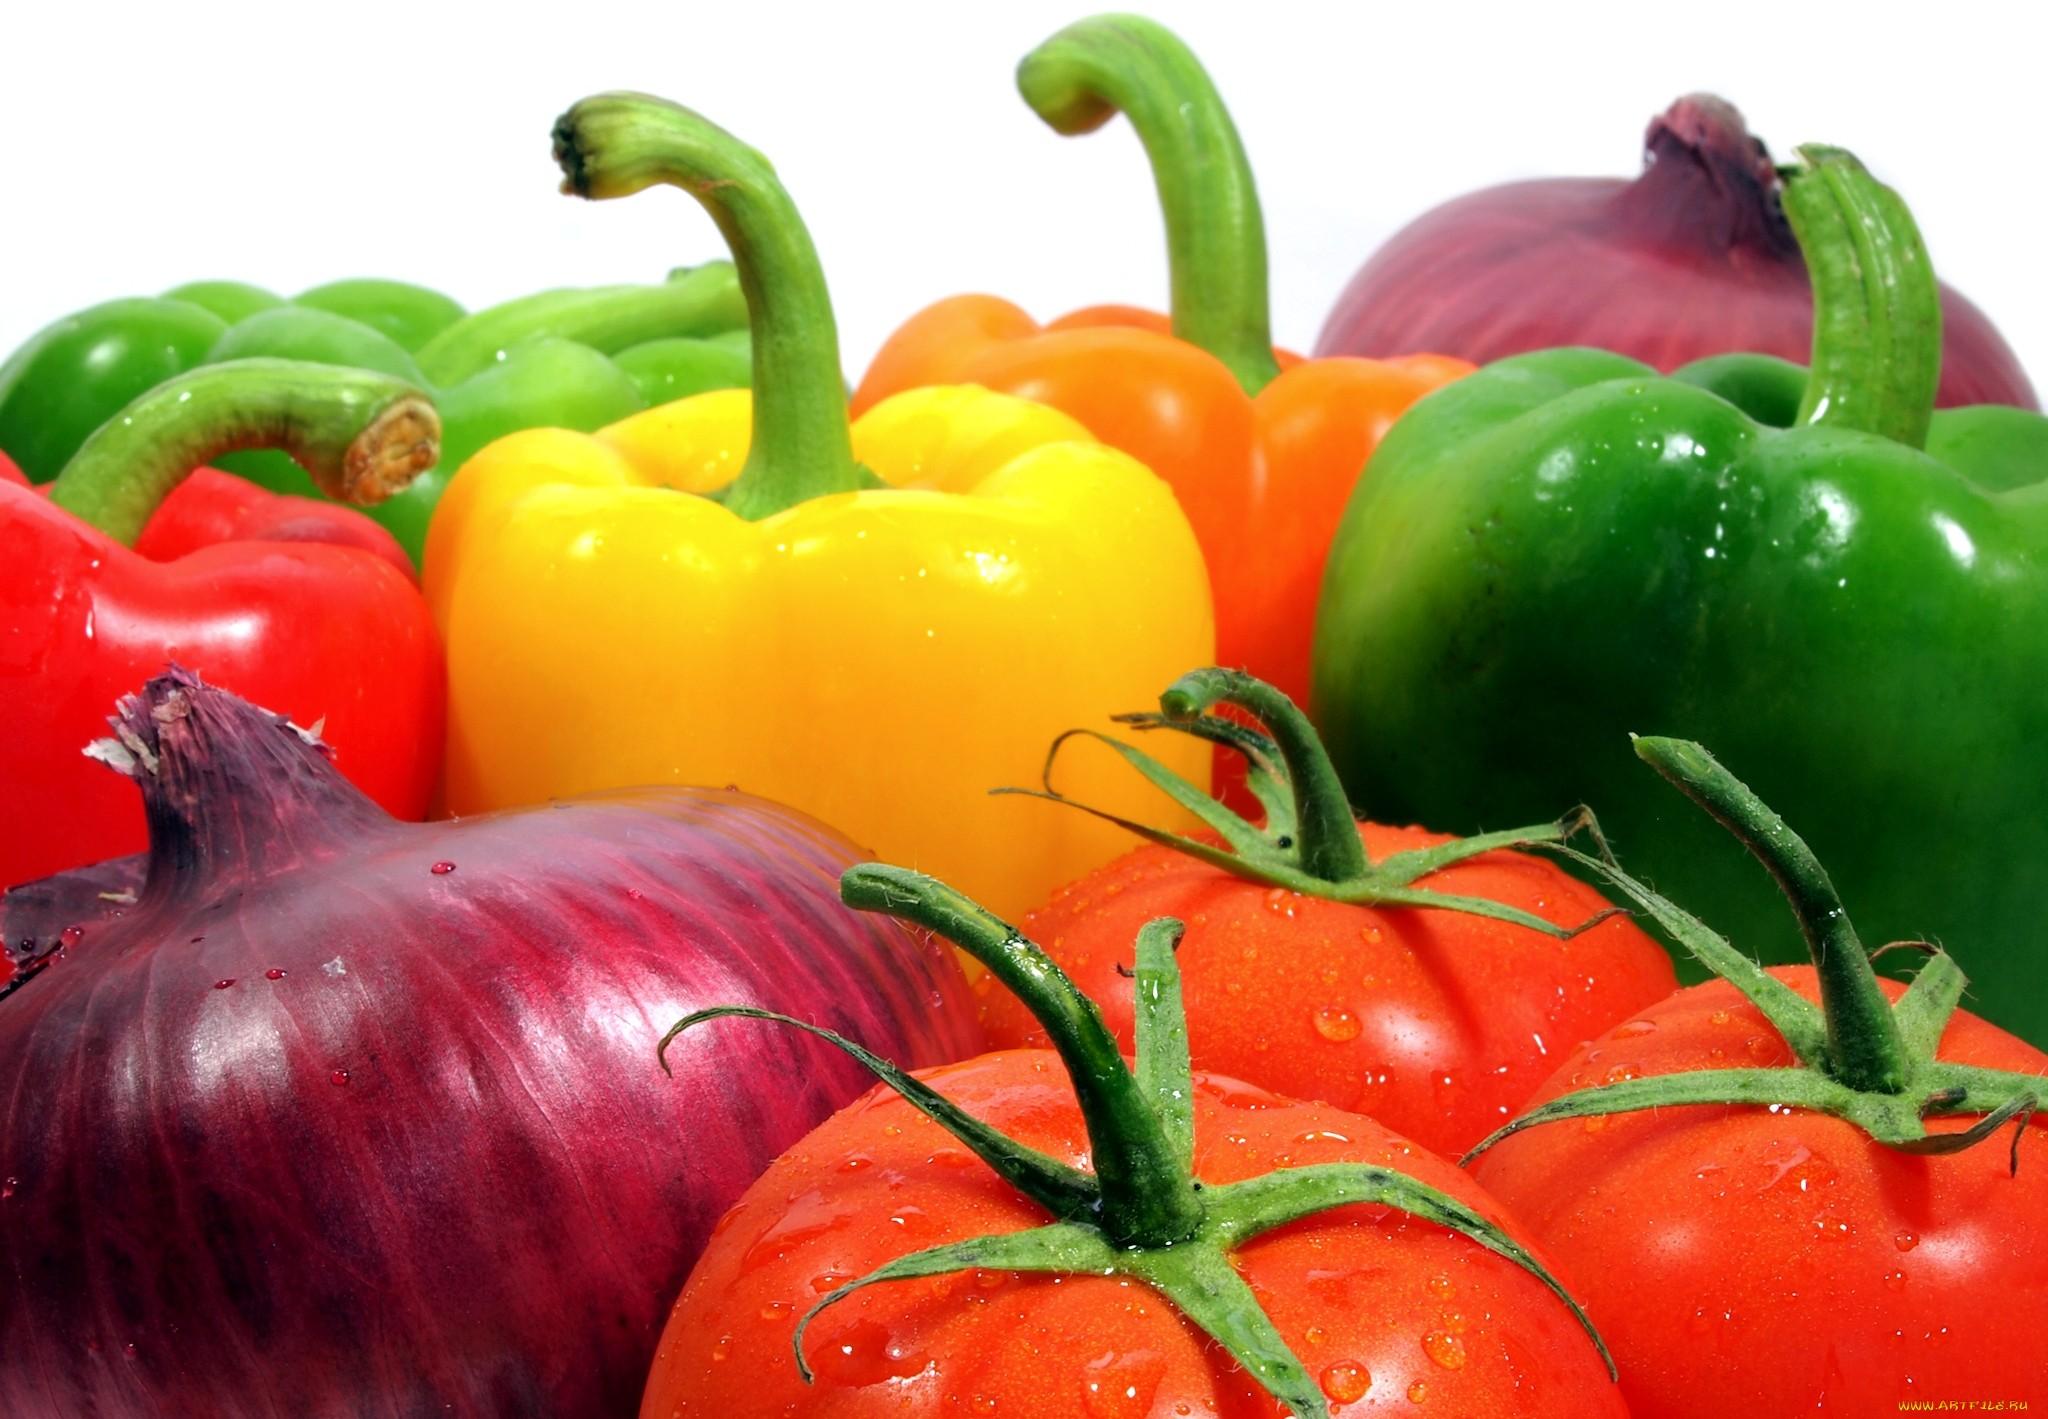 Vegetables Computer Wallpapers Desktop Backgrounds 2048x1419 ID 2048x1419